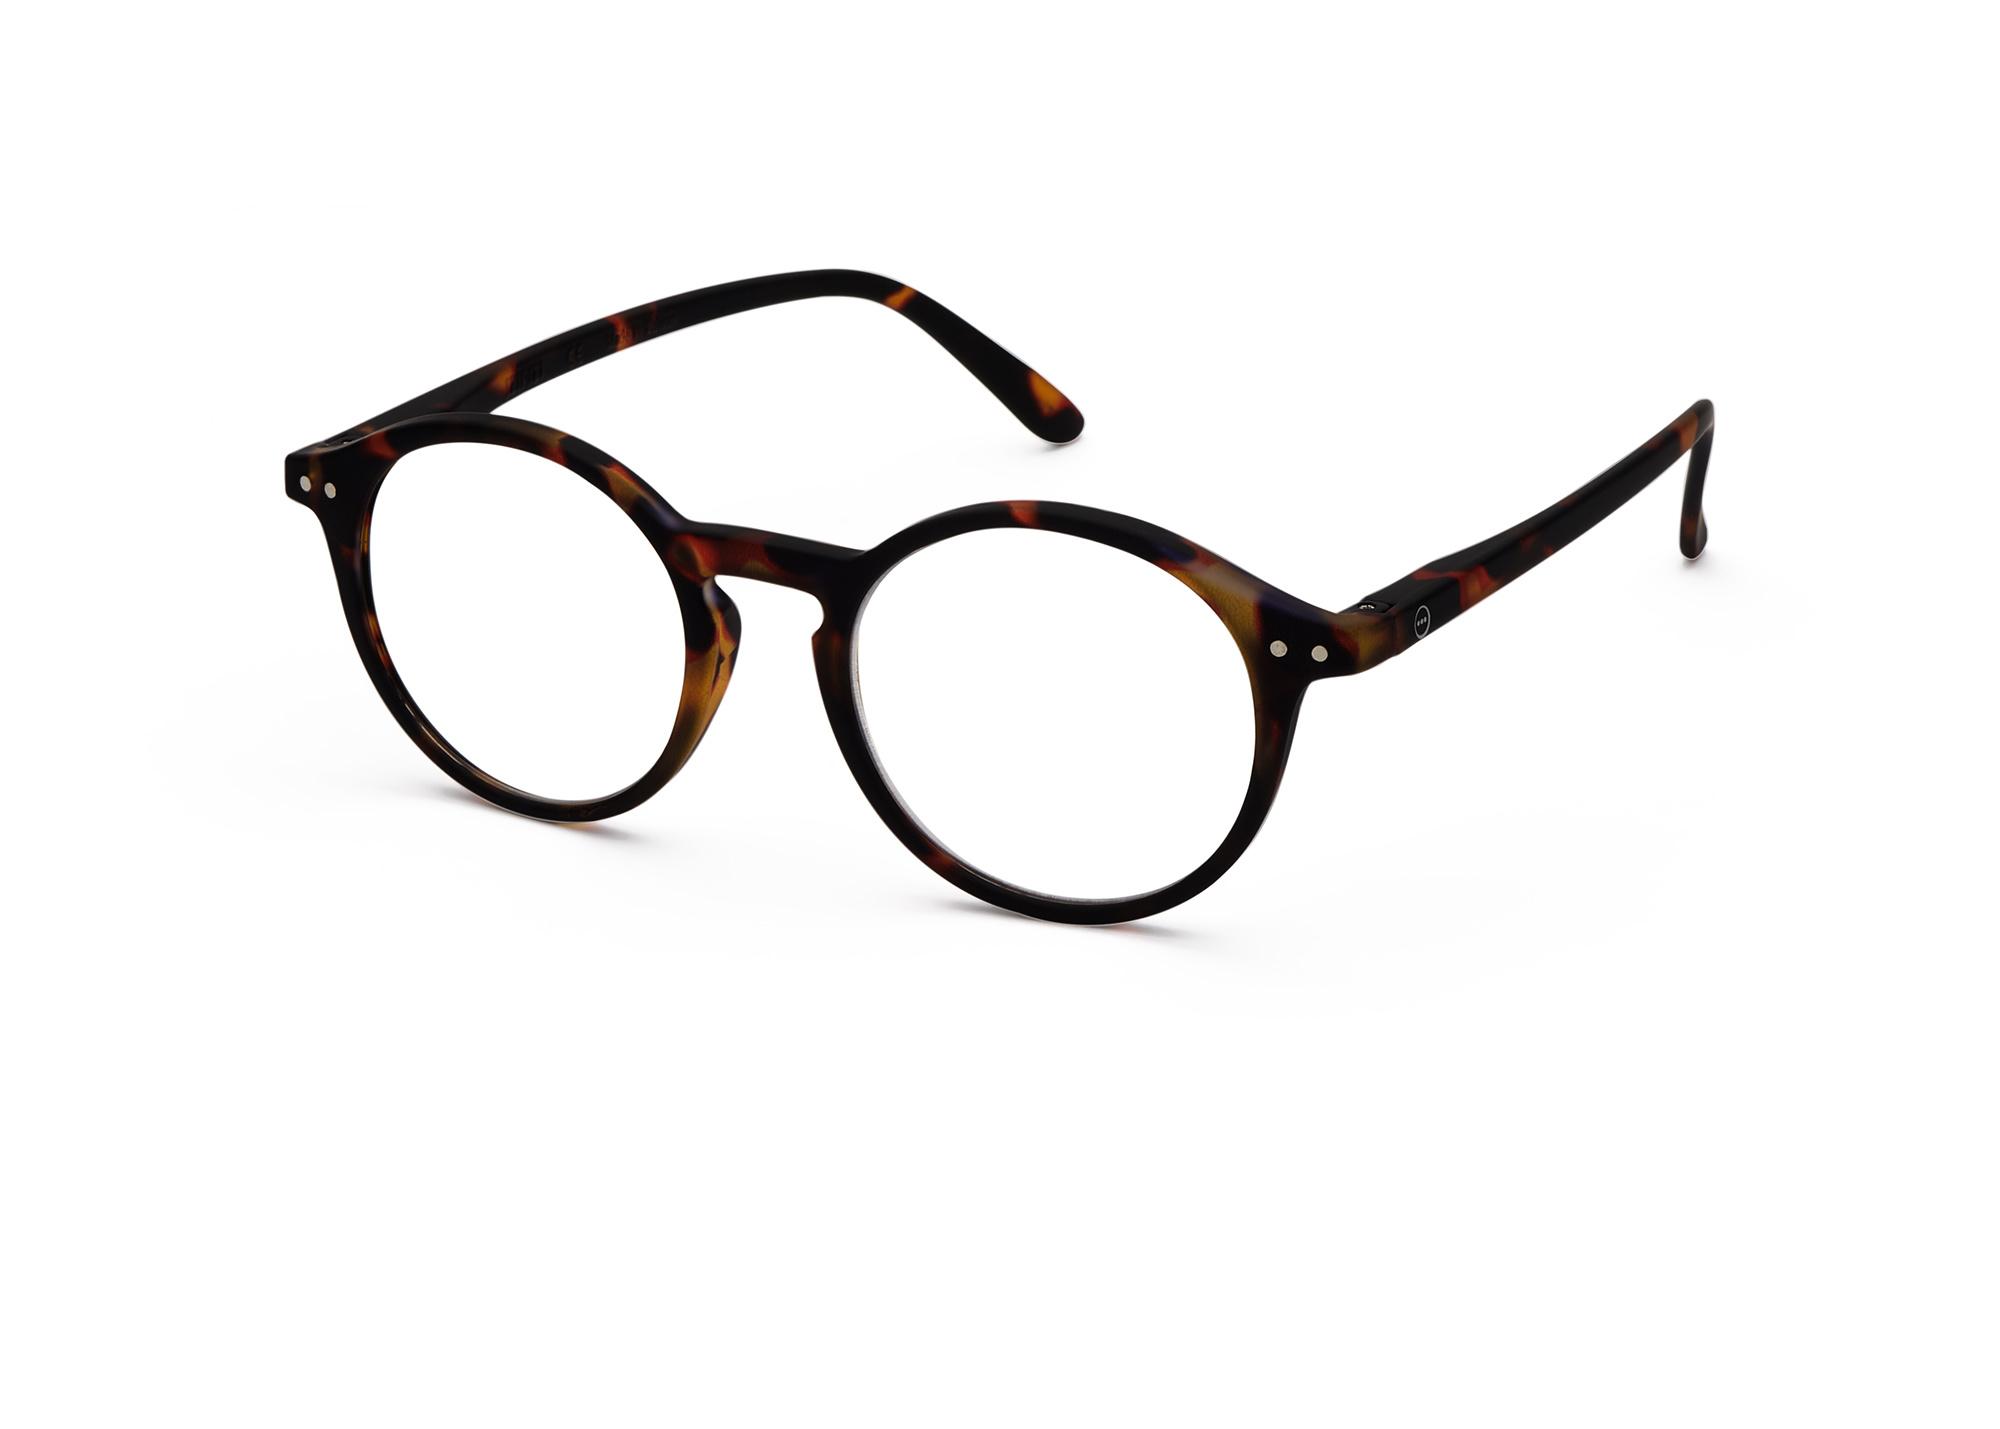 Izipizi leesbril model D Tortoise-3